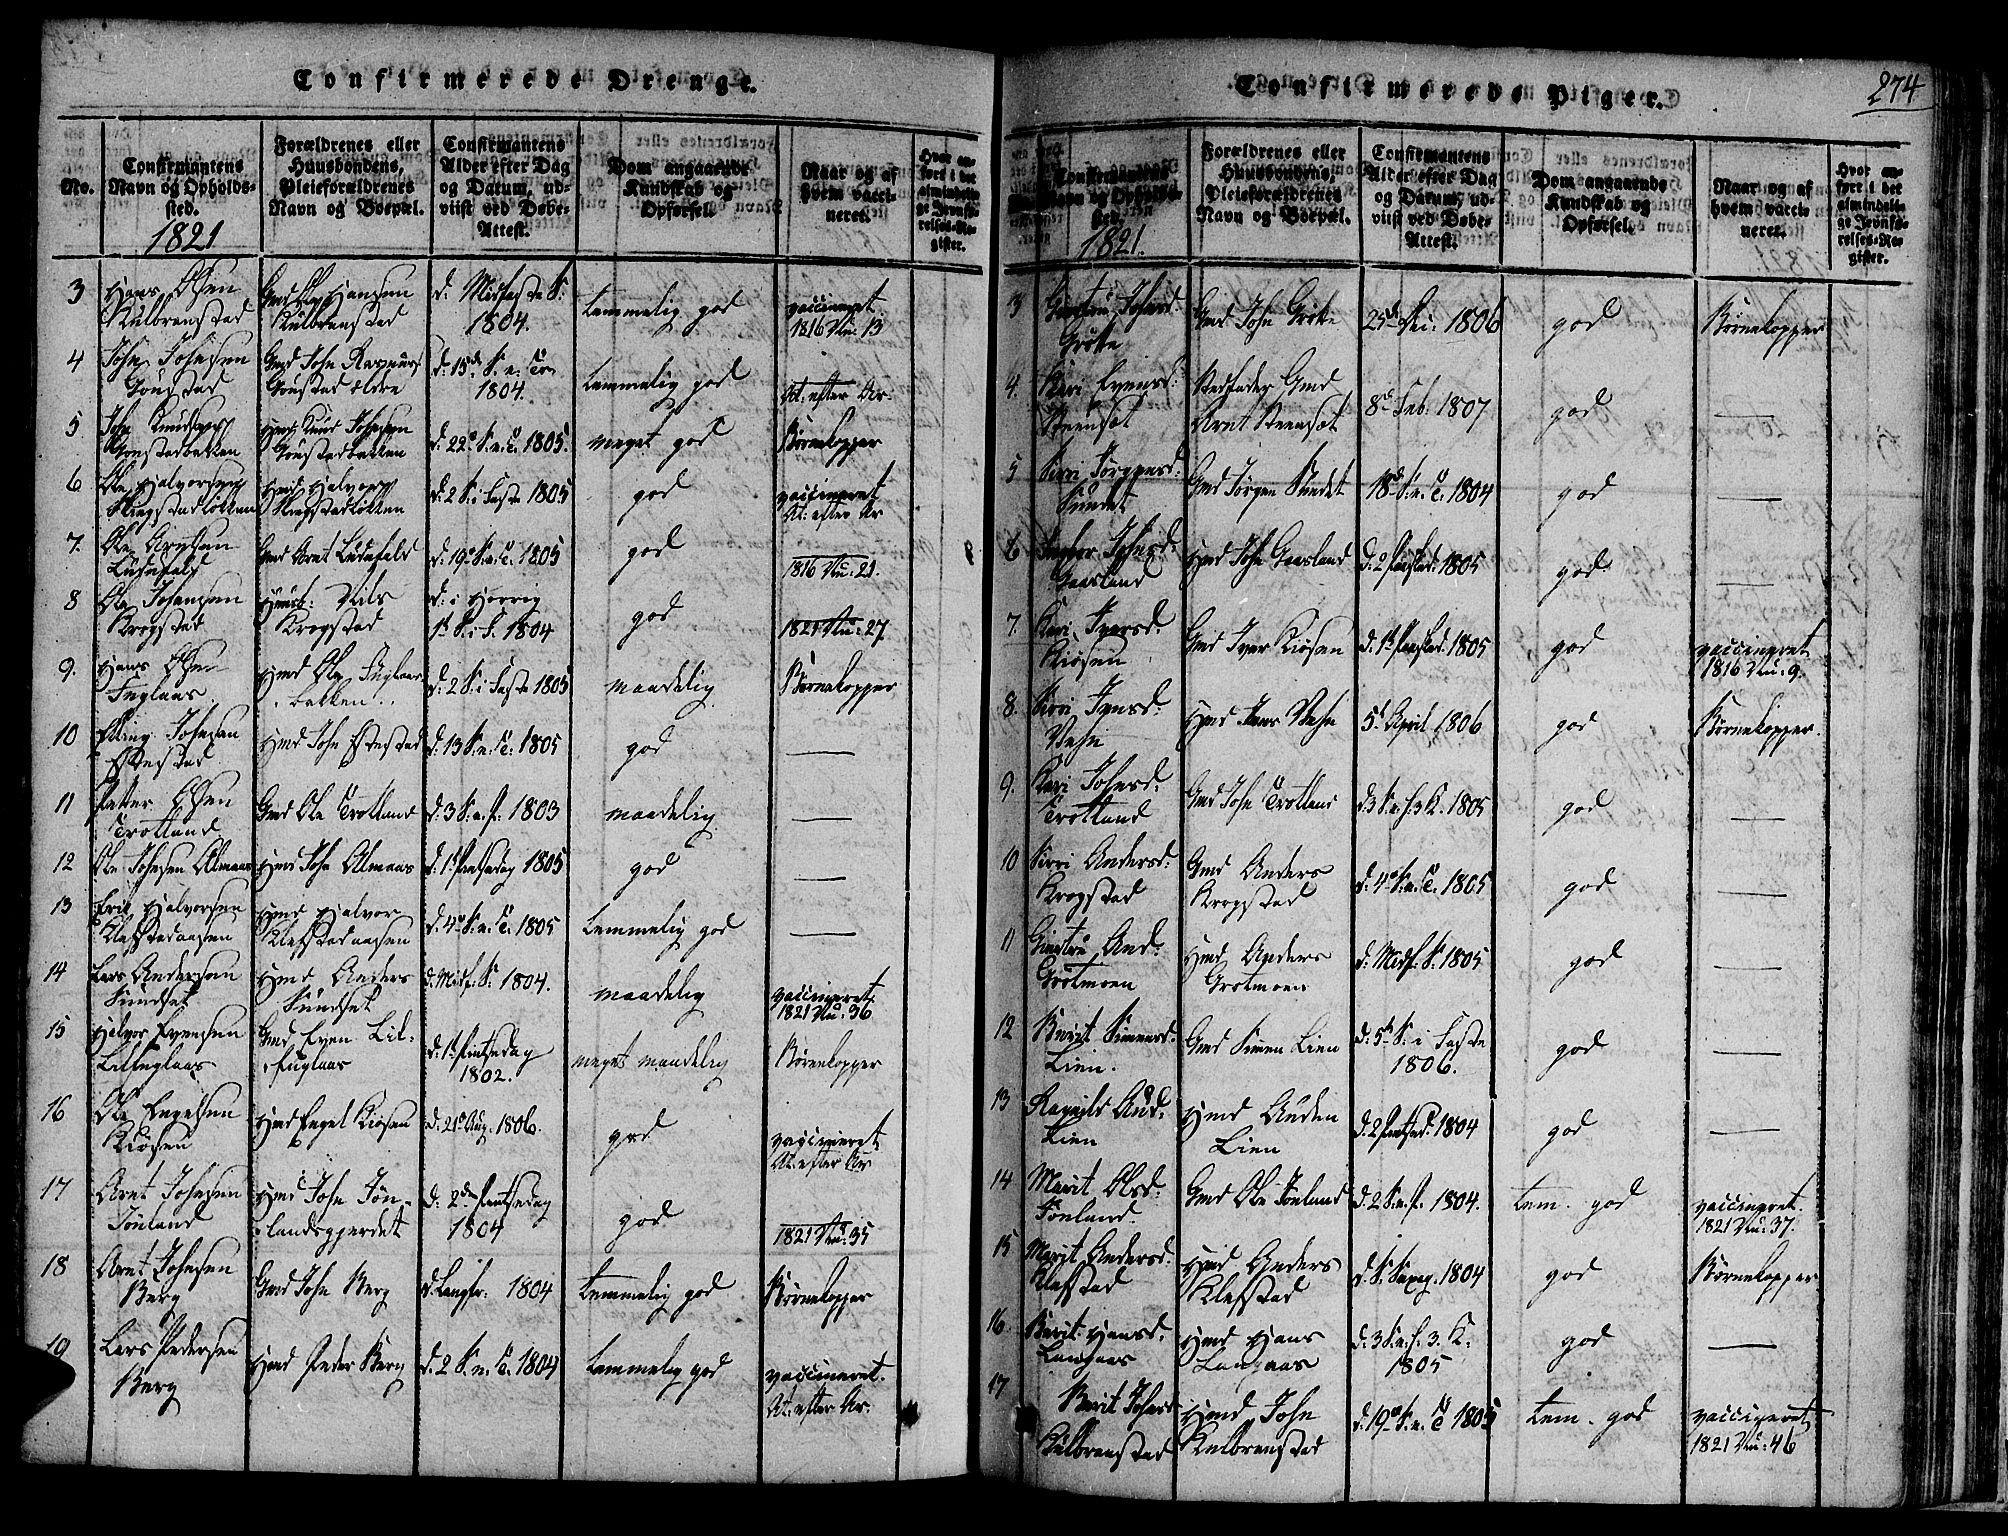 SAT, Ministerialprotokoller, klokkerbøker og fødselsregistre - Sør-Trøndelag, 691/L1068: Ministerialbok nr. 691A03 /4, 1816-1826, s. 274